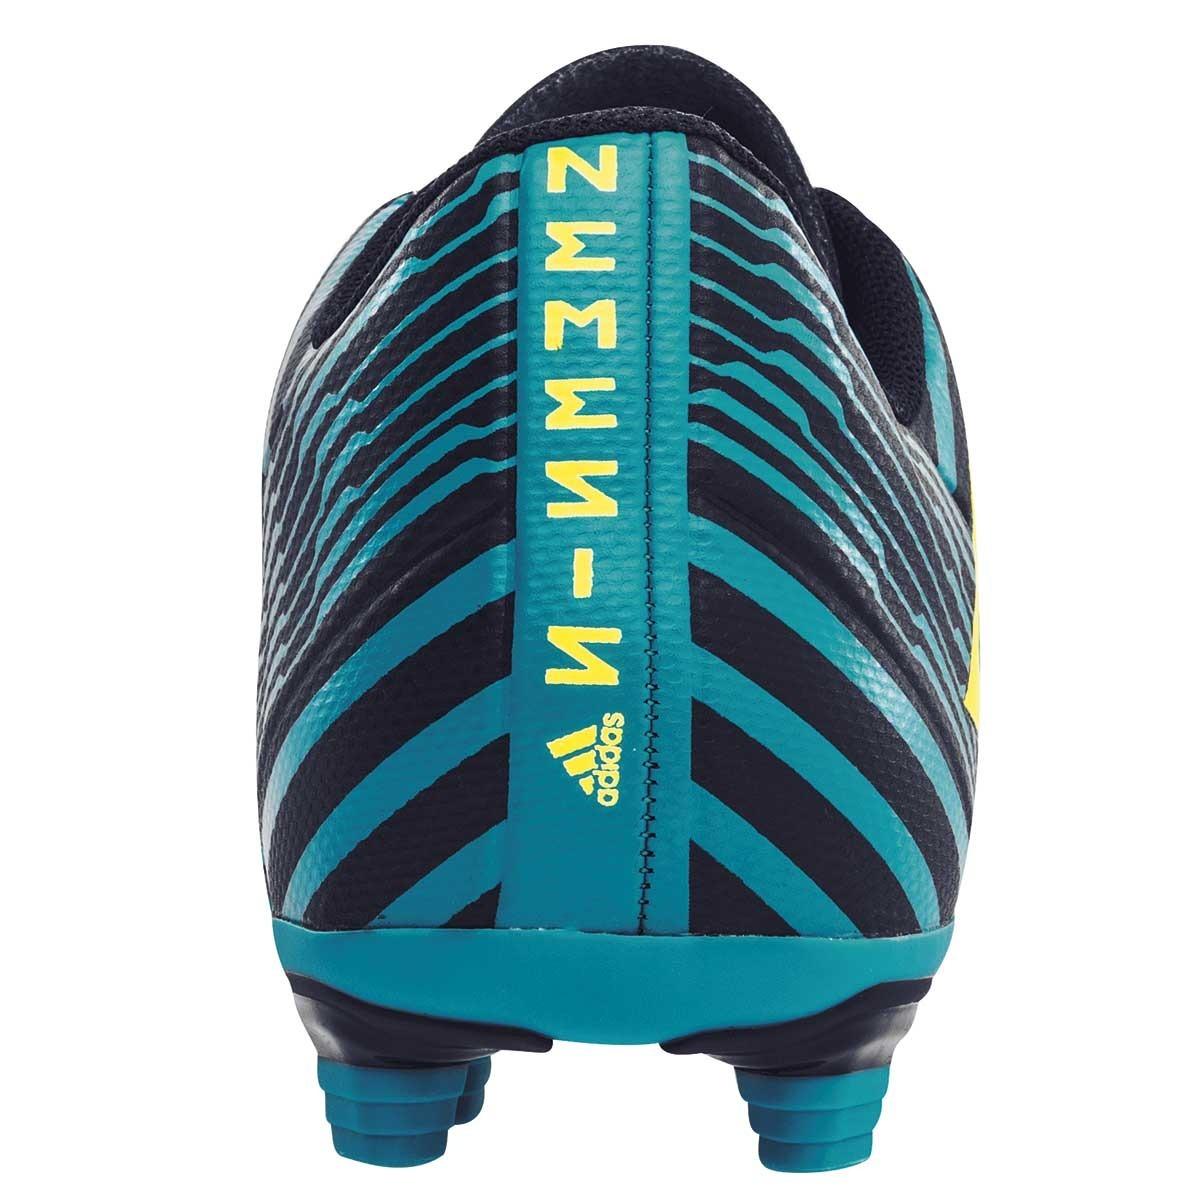 tenis de futbol con tachos nemeziz adidas s80608+ envio dgt. Cargando zoom. 874de89deb50c